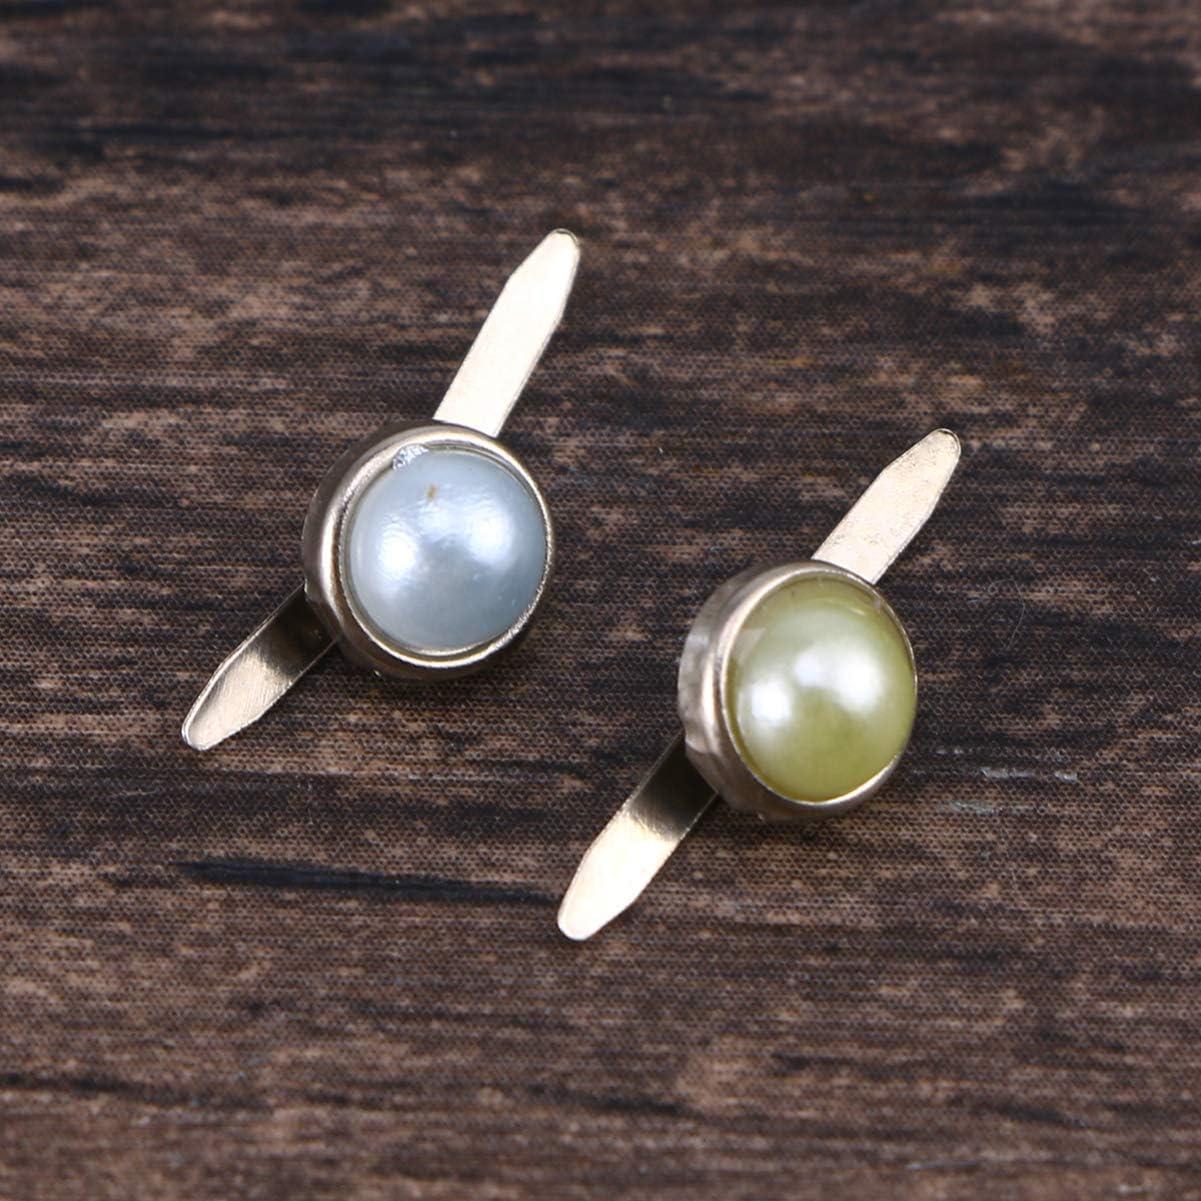 manualidades estampado Amosfun 50 piezas mini puntas redondas perlas pastel para hacer /álbumes de recortes colores surtidos